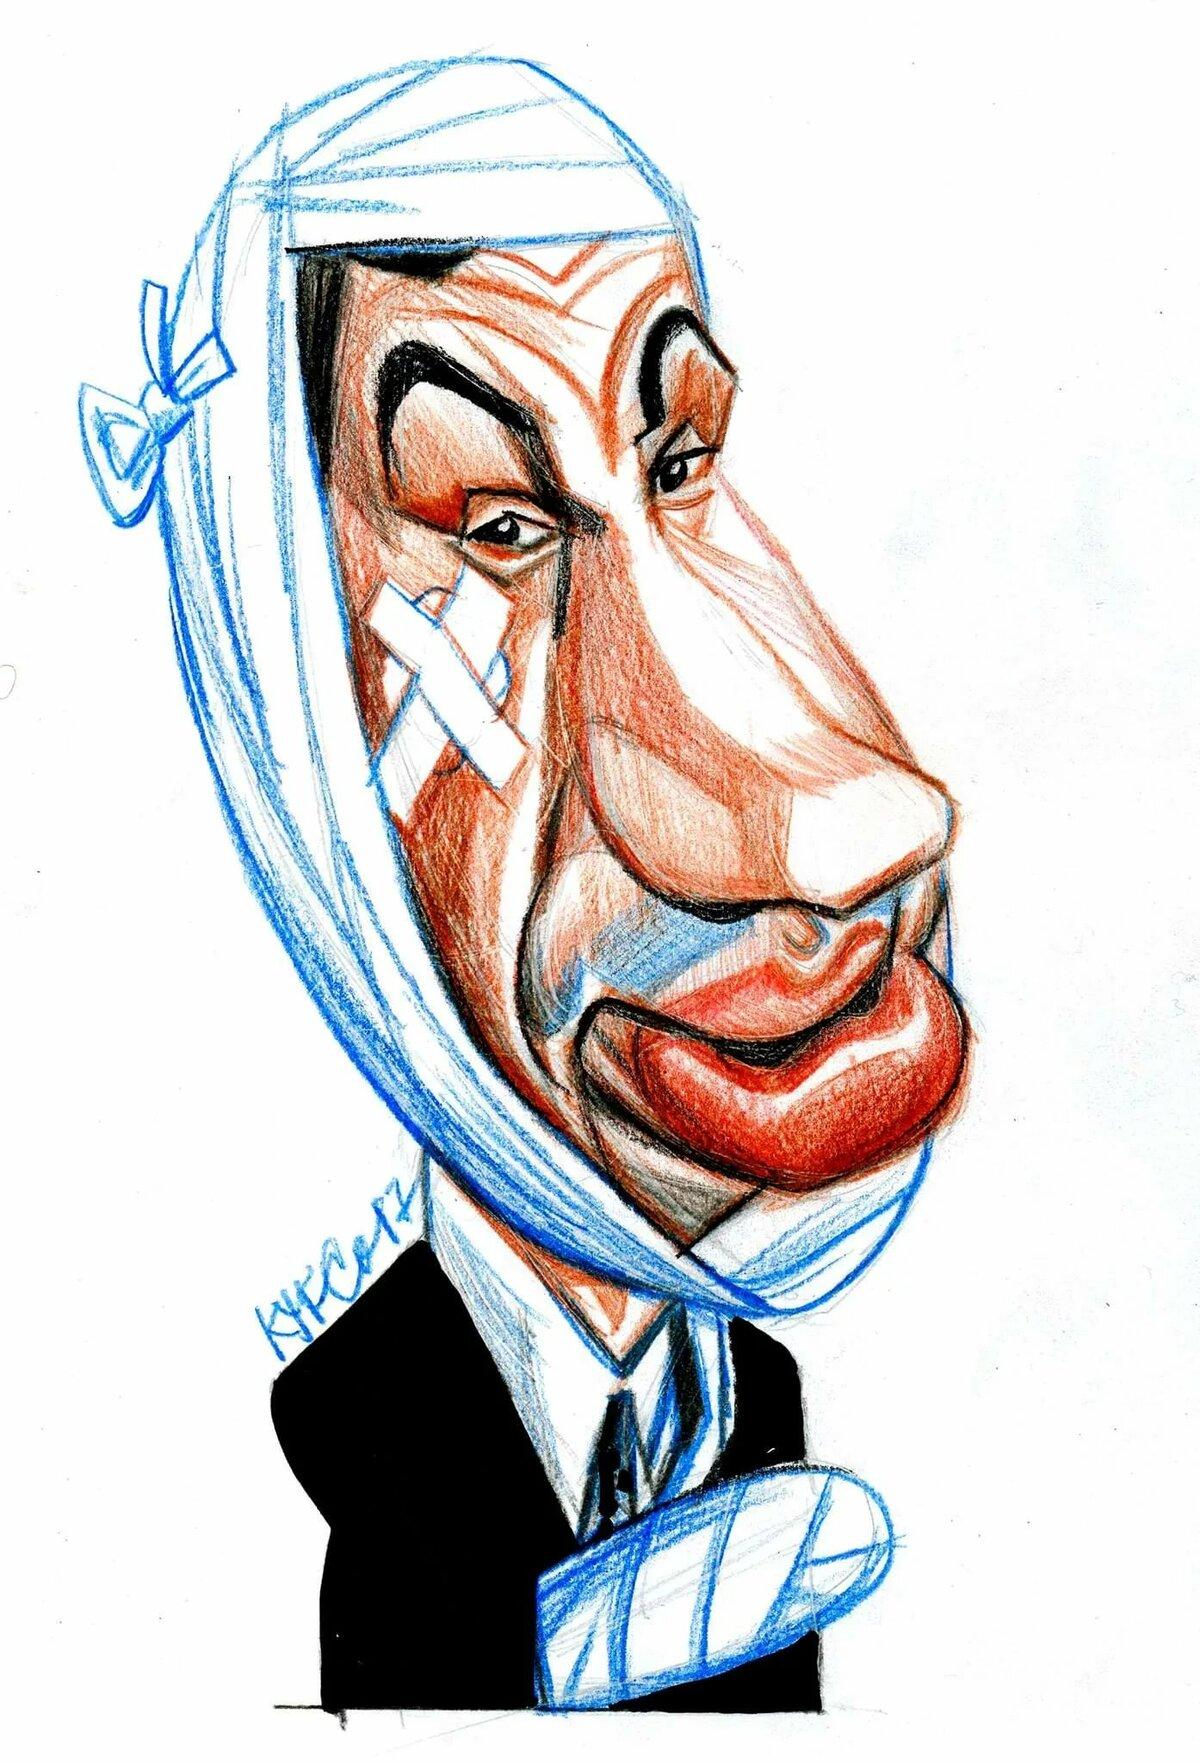 Картинки карикатуры человек в маске мистера икса